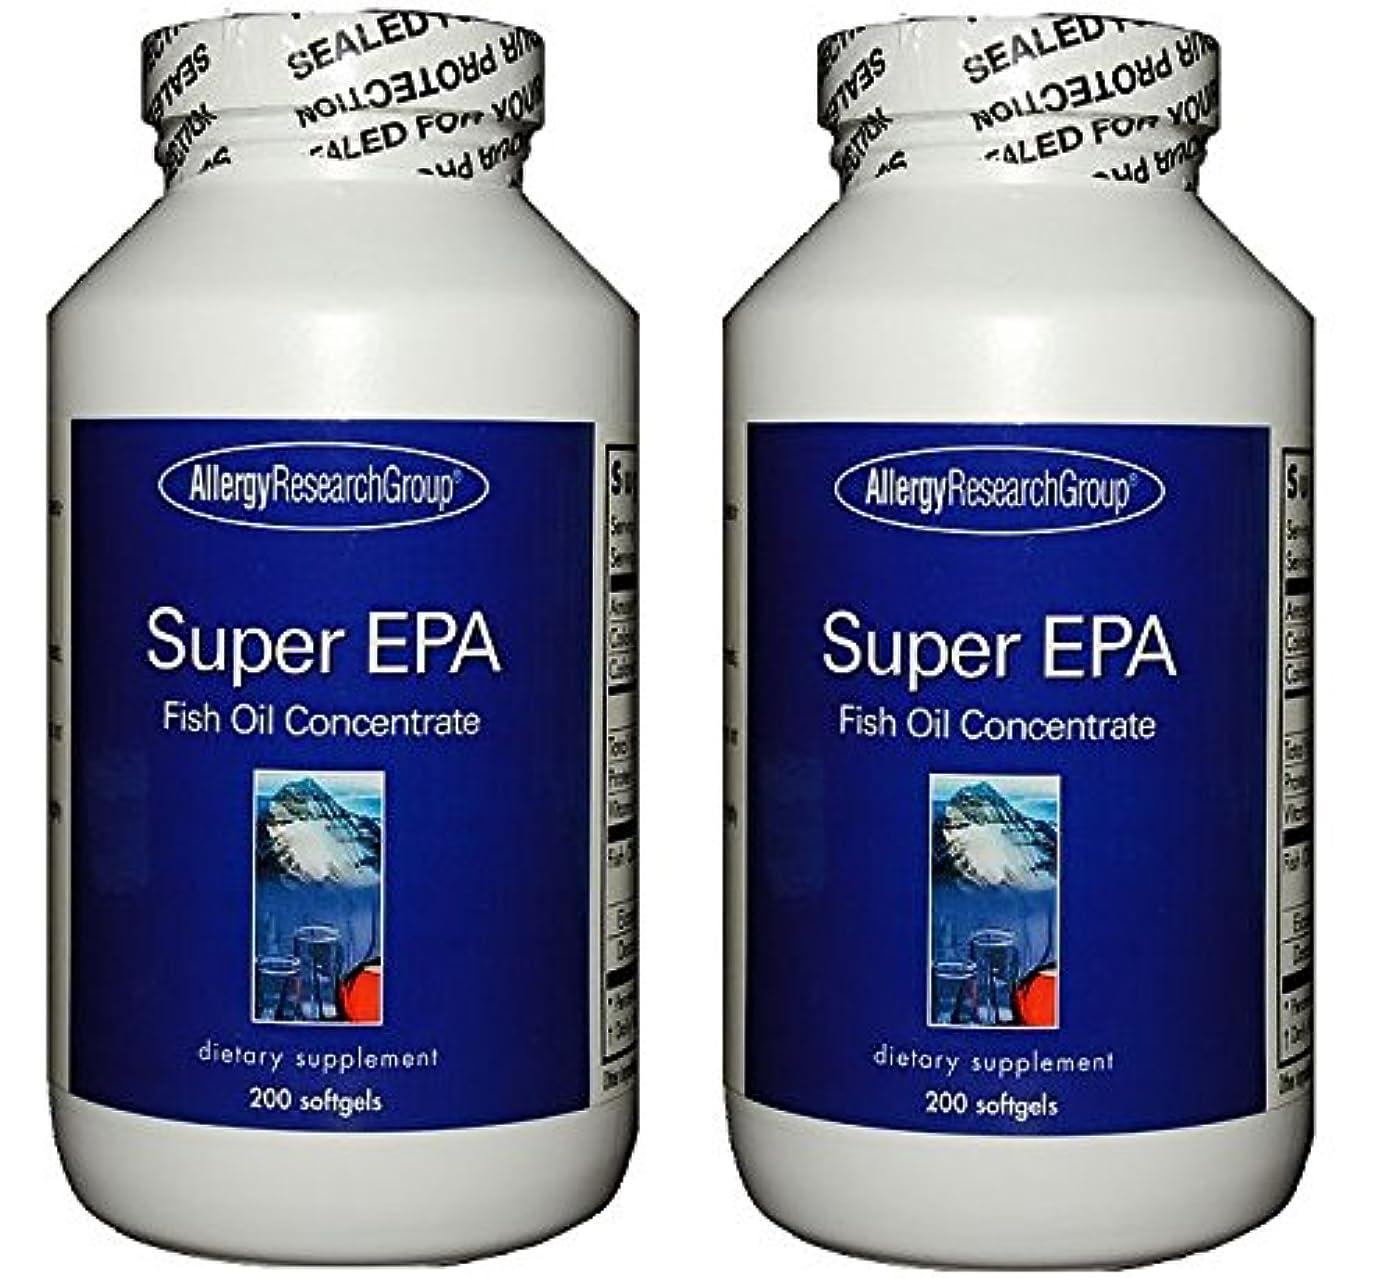 別の神秘天窓スーパーEPA & DHA  200ソフトカプセル (Super EPA Fish Oil Concentrate 200 softgels) [海外直送品] 2ボトル